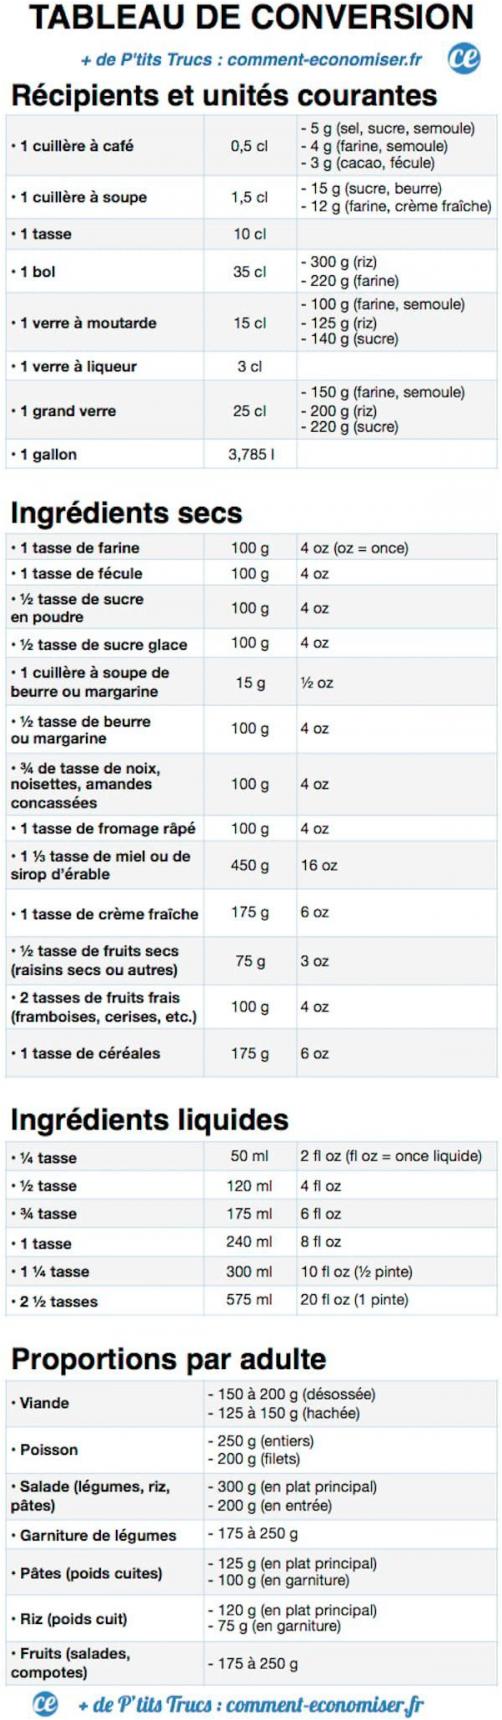 Ne Ratez Plus Vos Recettes Le Tableau De Conversion I Terrasse Jardin Conversion Ratez Recettes Tableau Trucs Et Umrechnungstabelle Tabelle Thermomix